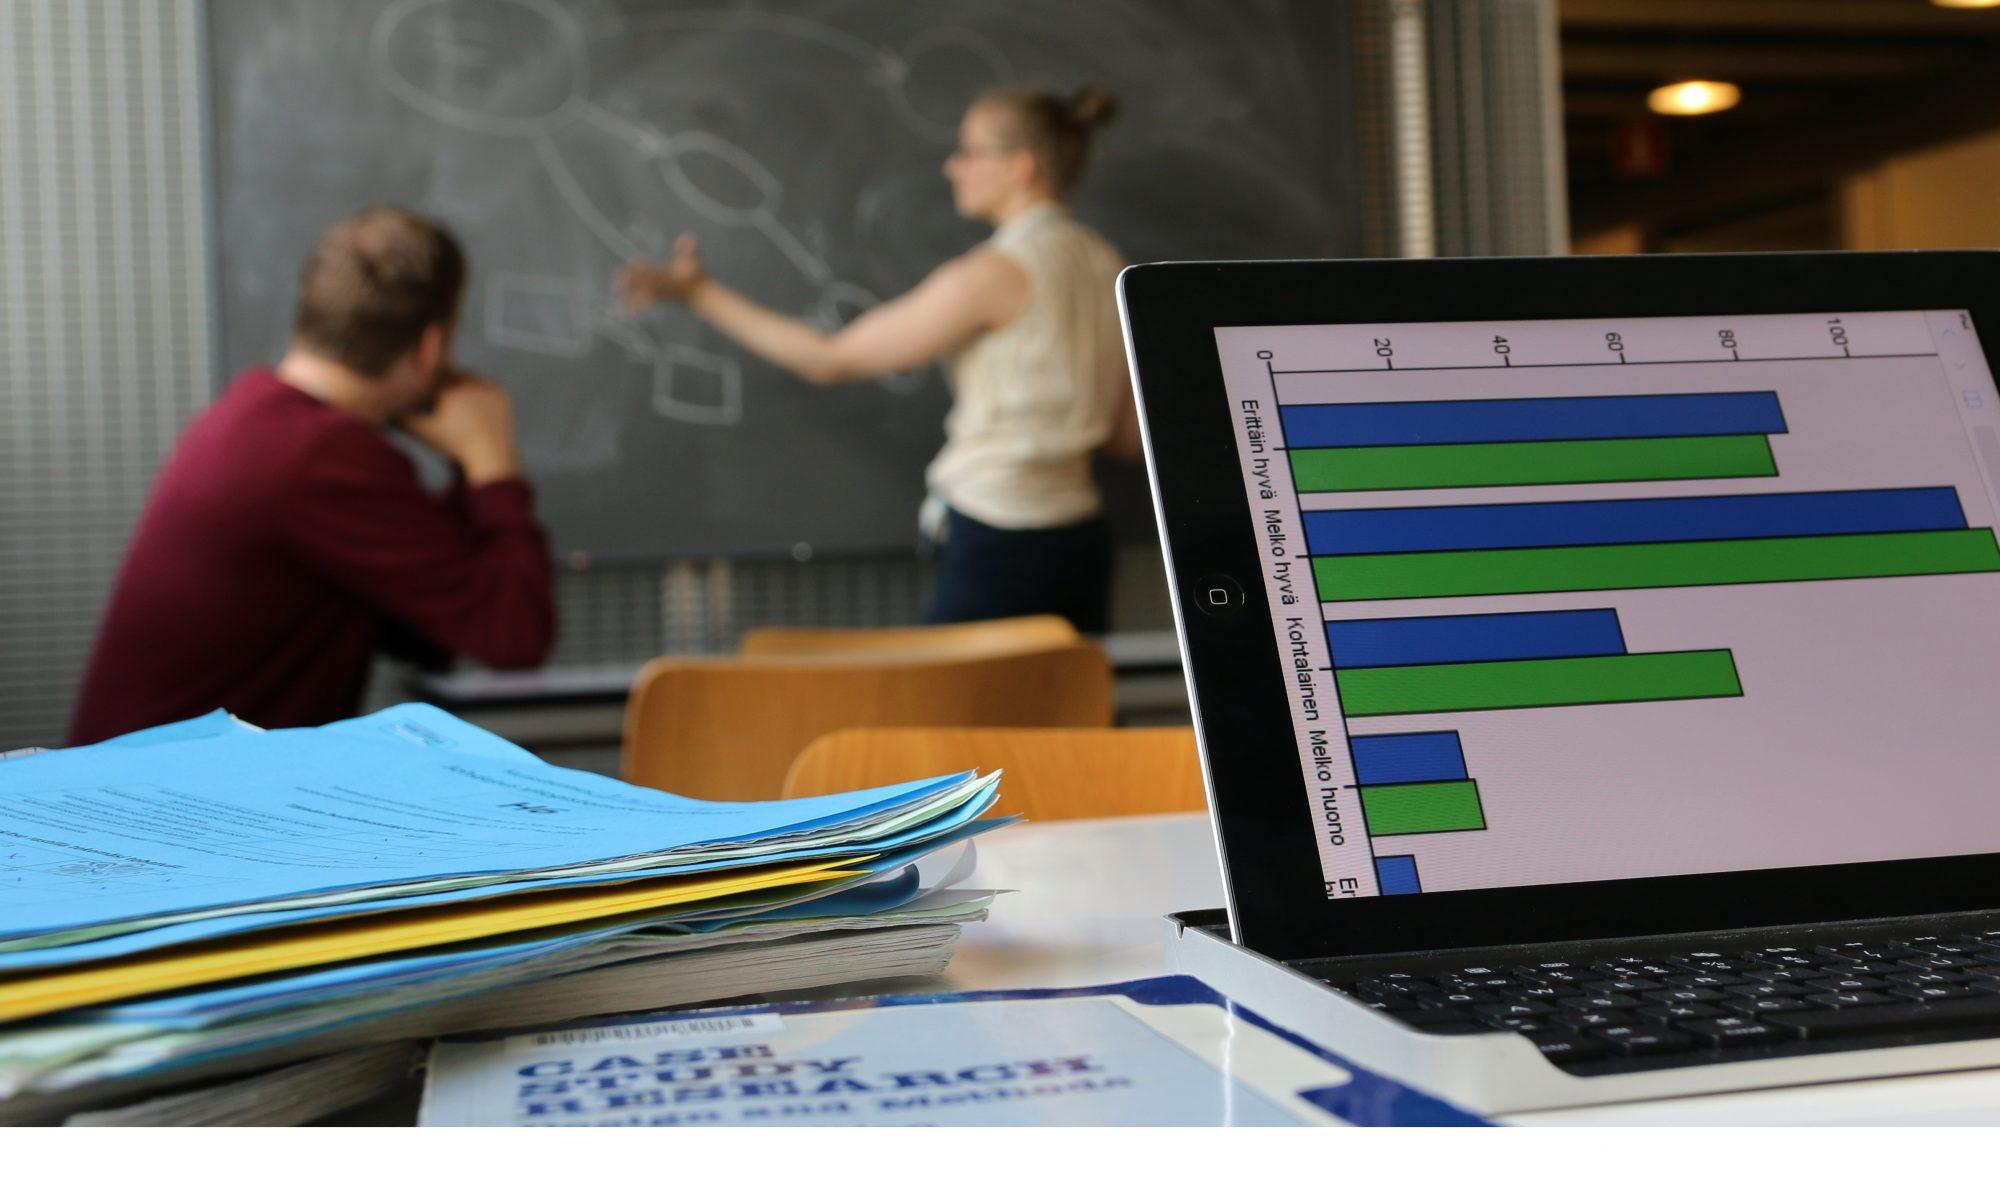 Mathematics education research group - Matematiikan opetuksen tutkimusryhmä